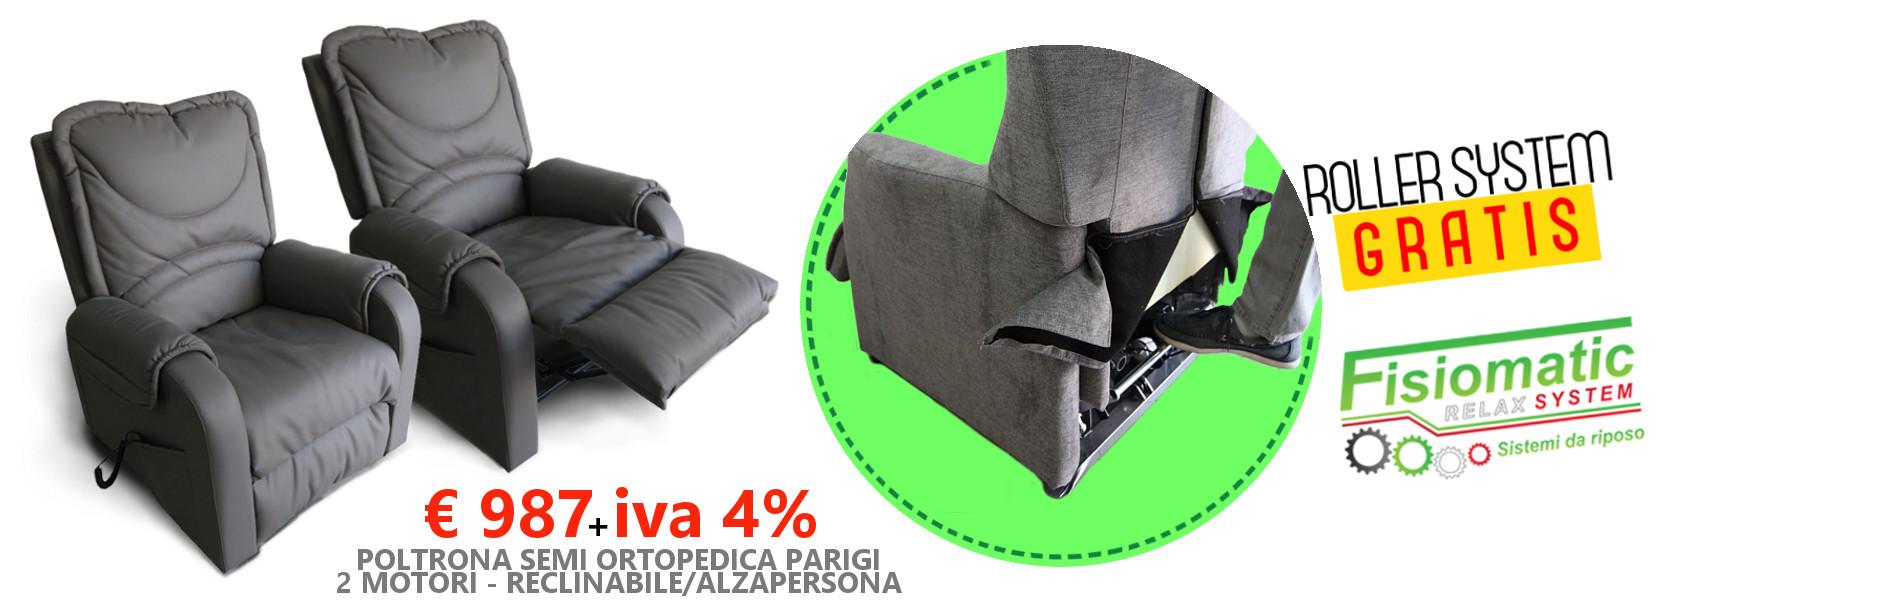 Slide-promozione-poltrona-Parigi-con-kit-roller-system-gratis-nel-prezzo